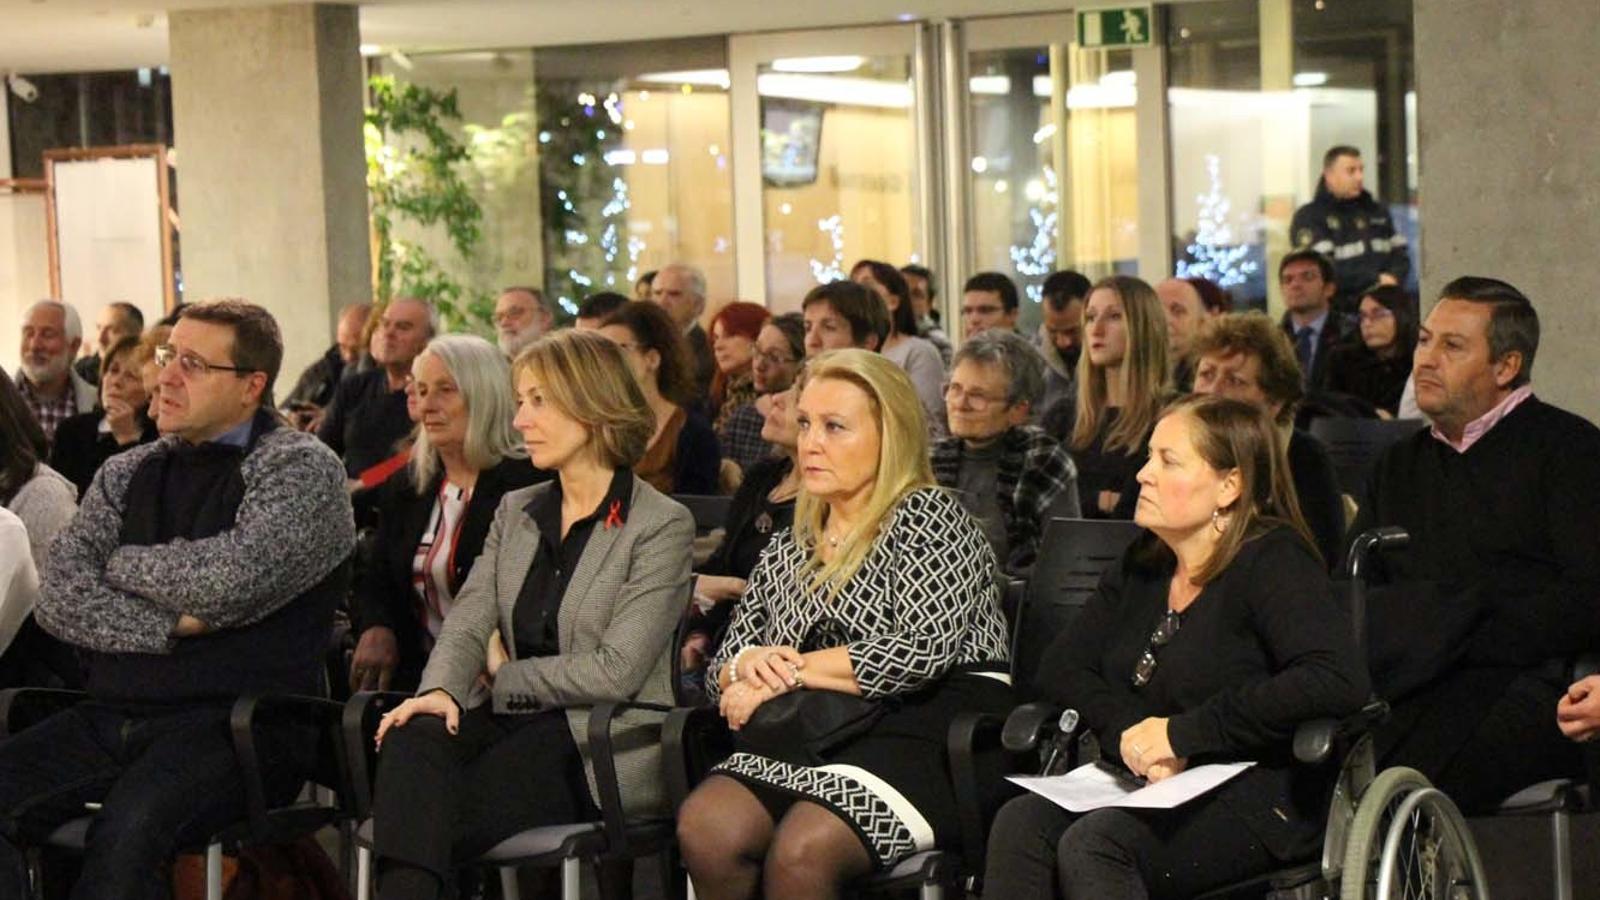 La presidenta de la FAAD, Agustina Grandvallet (primera per la dreta) durant l'acte / M.F. (ANA)